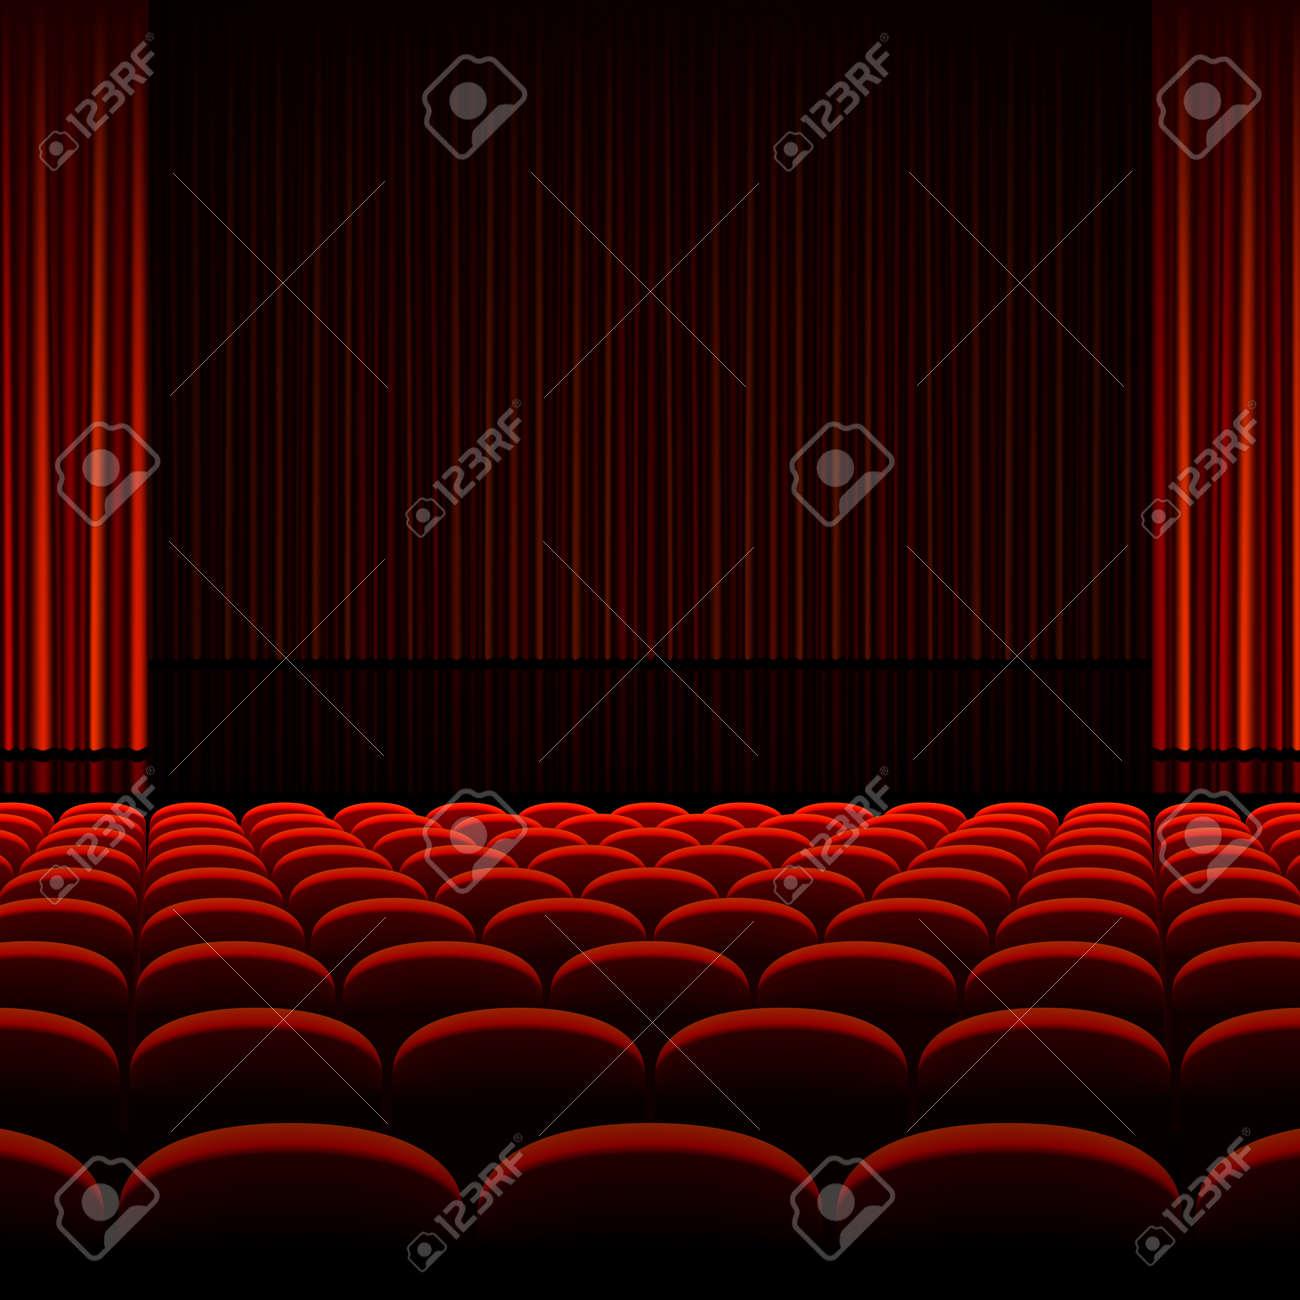 Theater Interieur Mit Roten Vorhängen Und Sitze Lizenzfrei Nutzbare ...